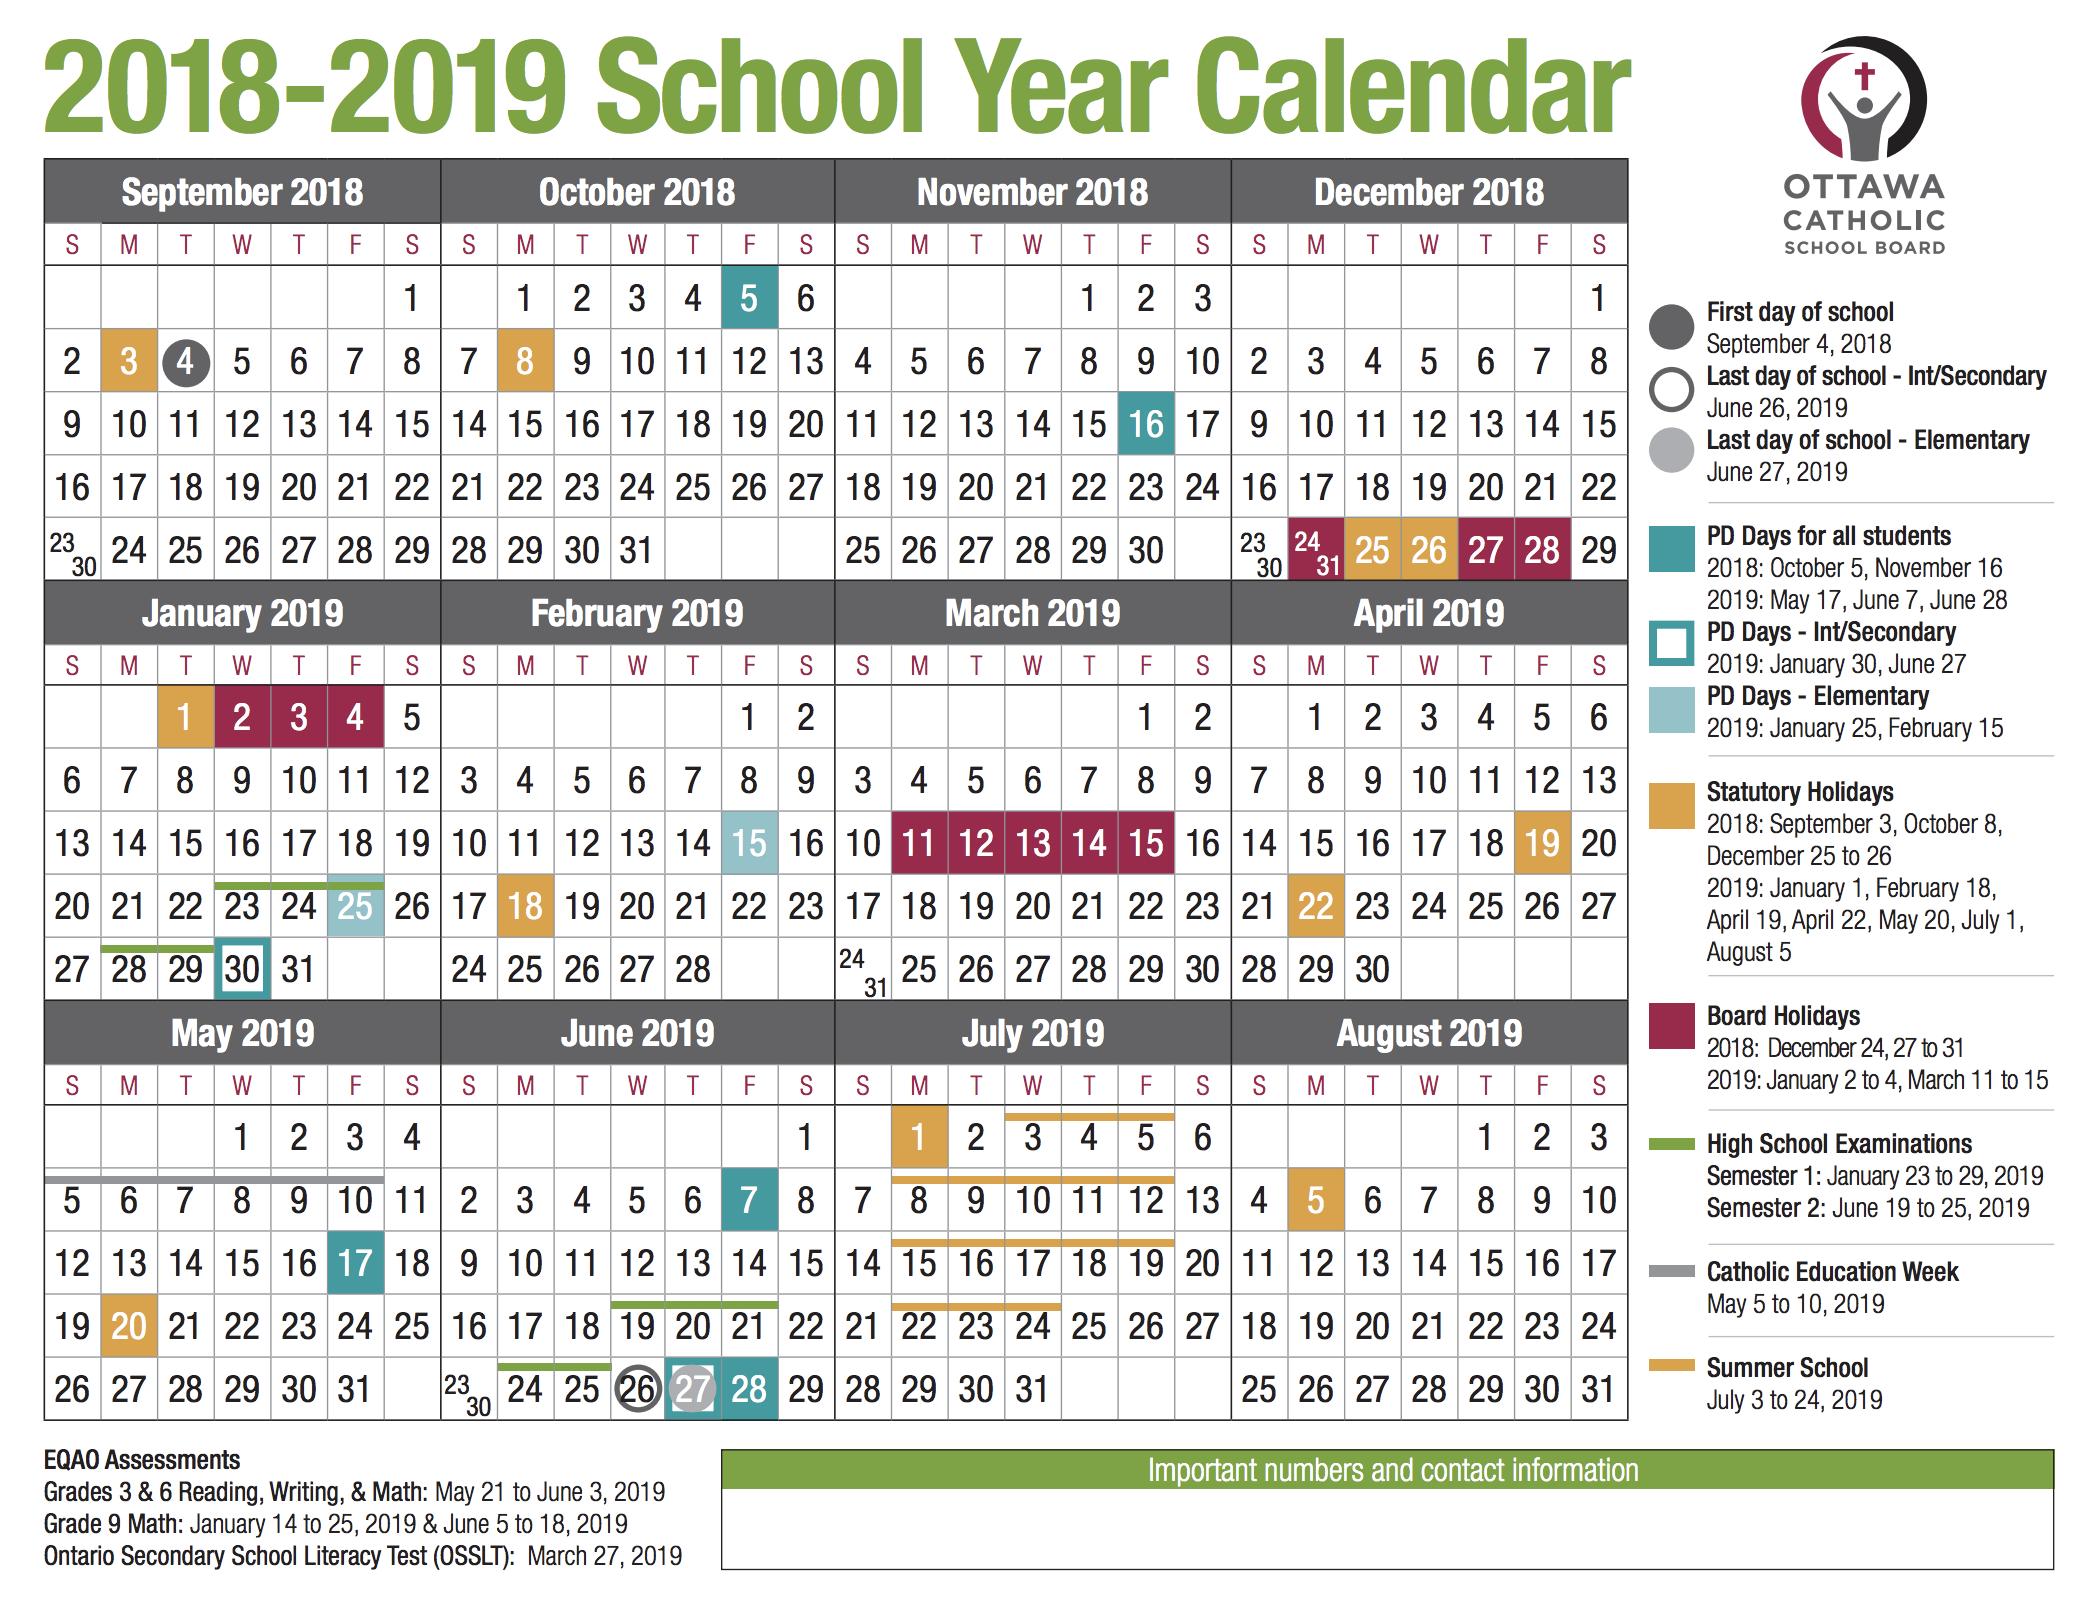 ocsb-school-year-calendar-image-2018-2019 - OCSB